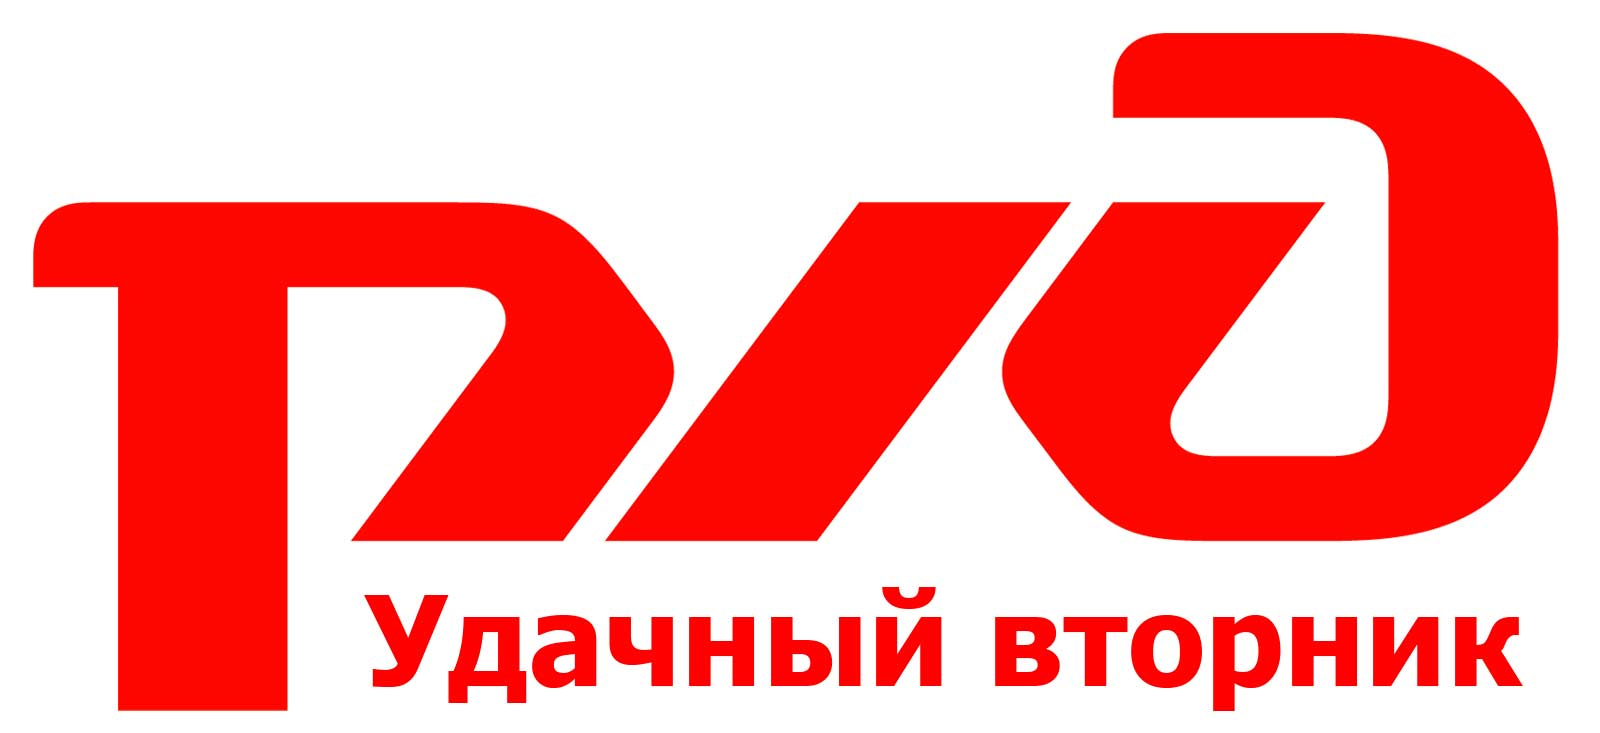 """Акция РЖД """"Удачный вторник"""""""